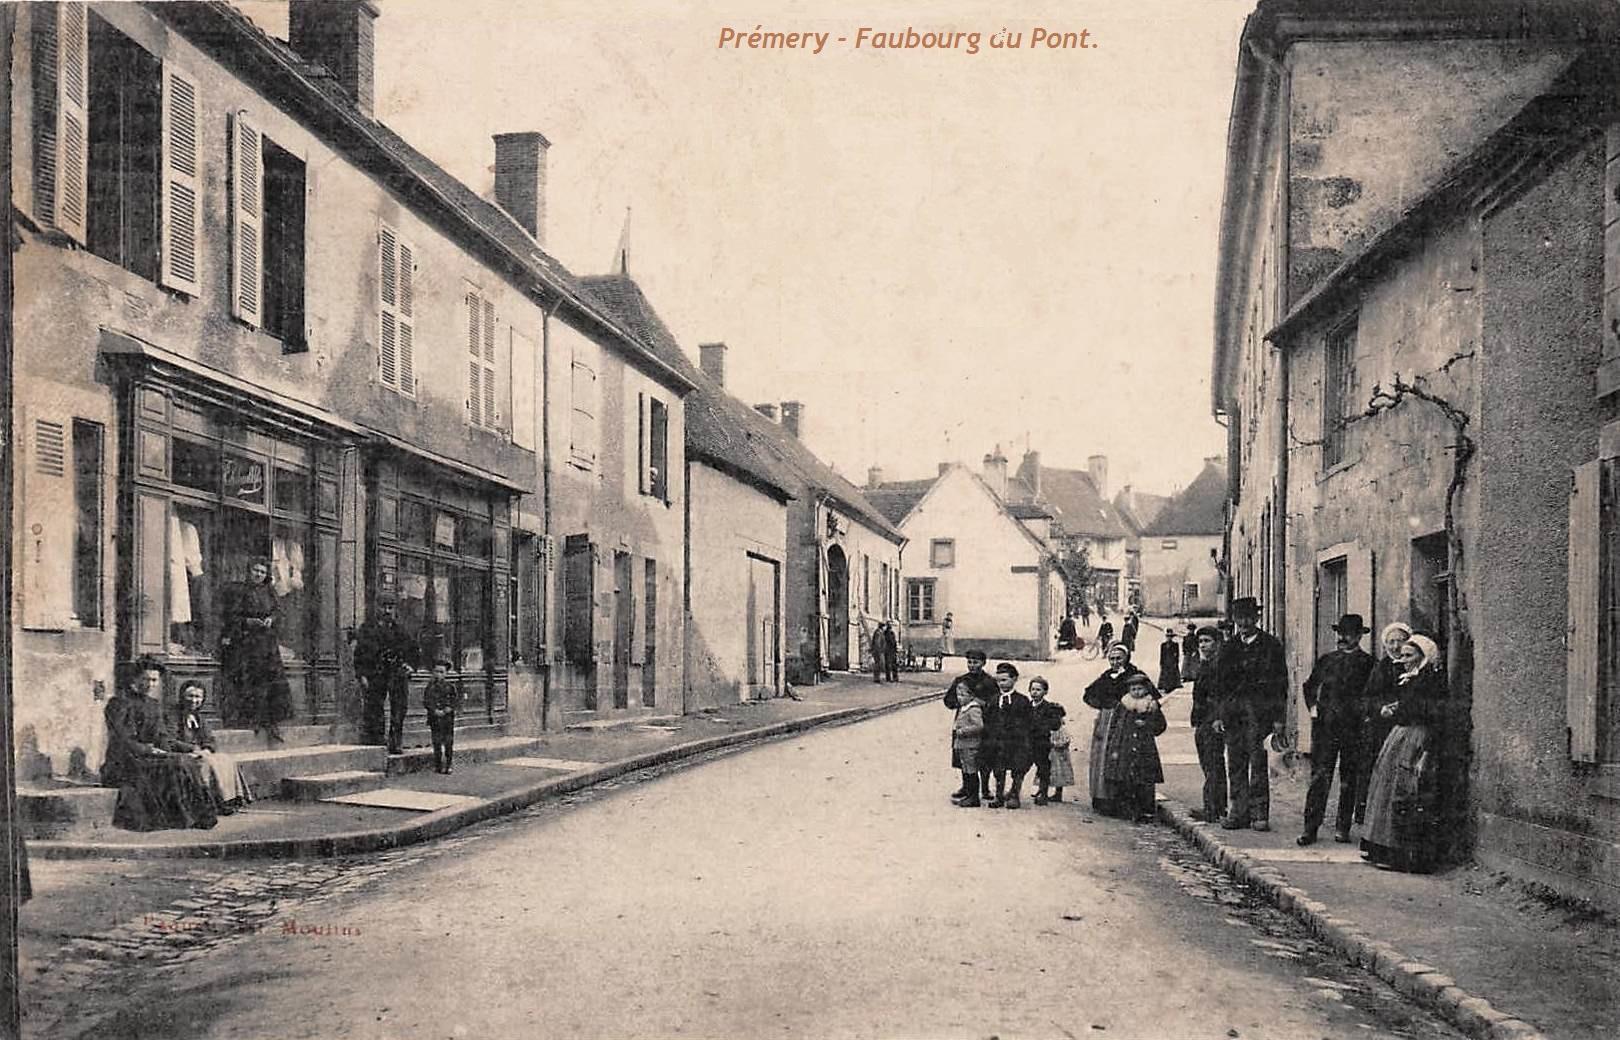 Prémery (Nièvre) Le faubourg du Pont CPA